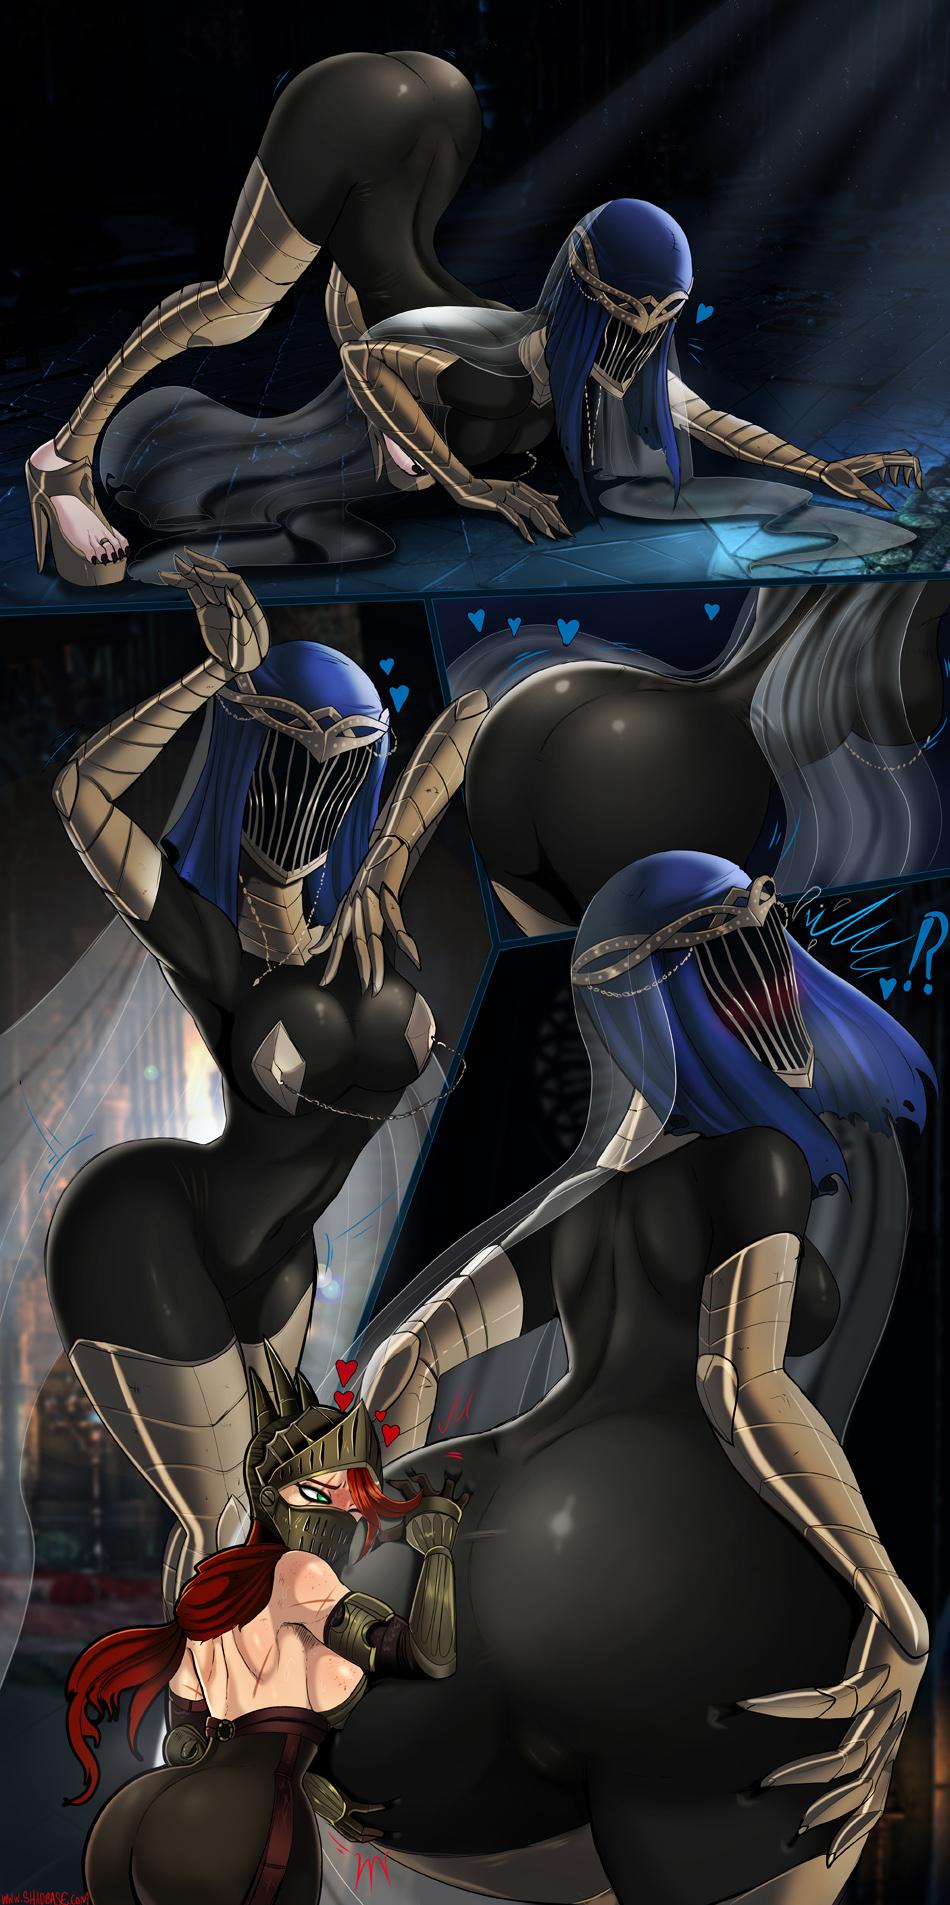 dancer boreal dark 3 souls Anata no shiranai kangofu: seiteki byoutou 24 ji